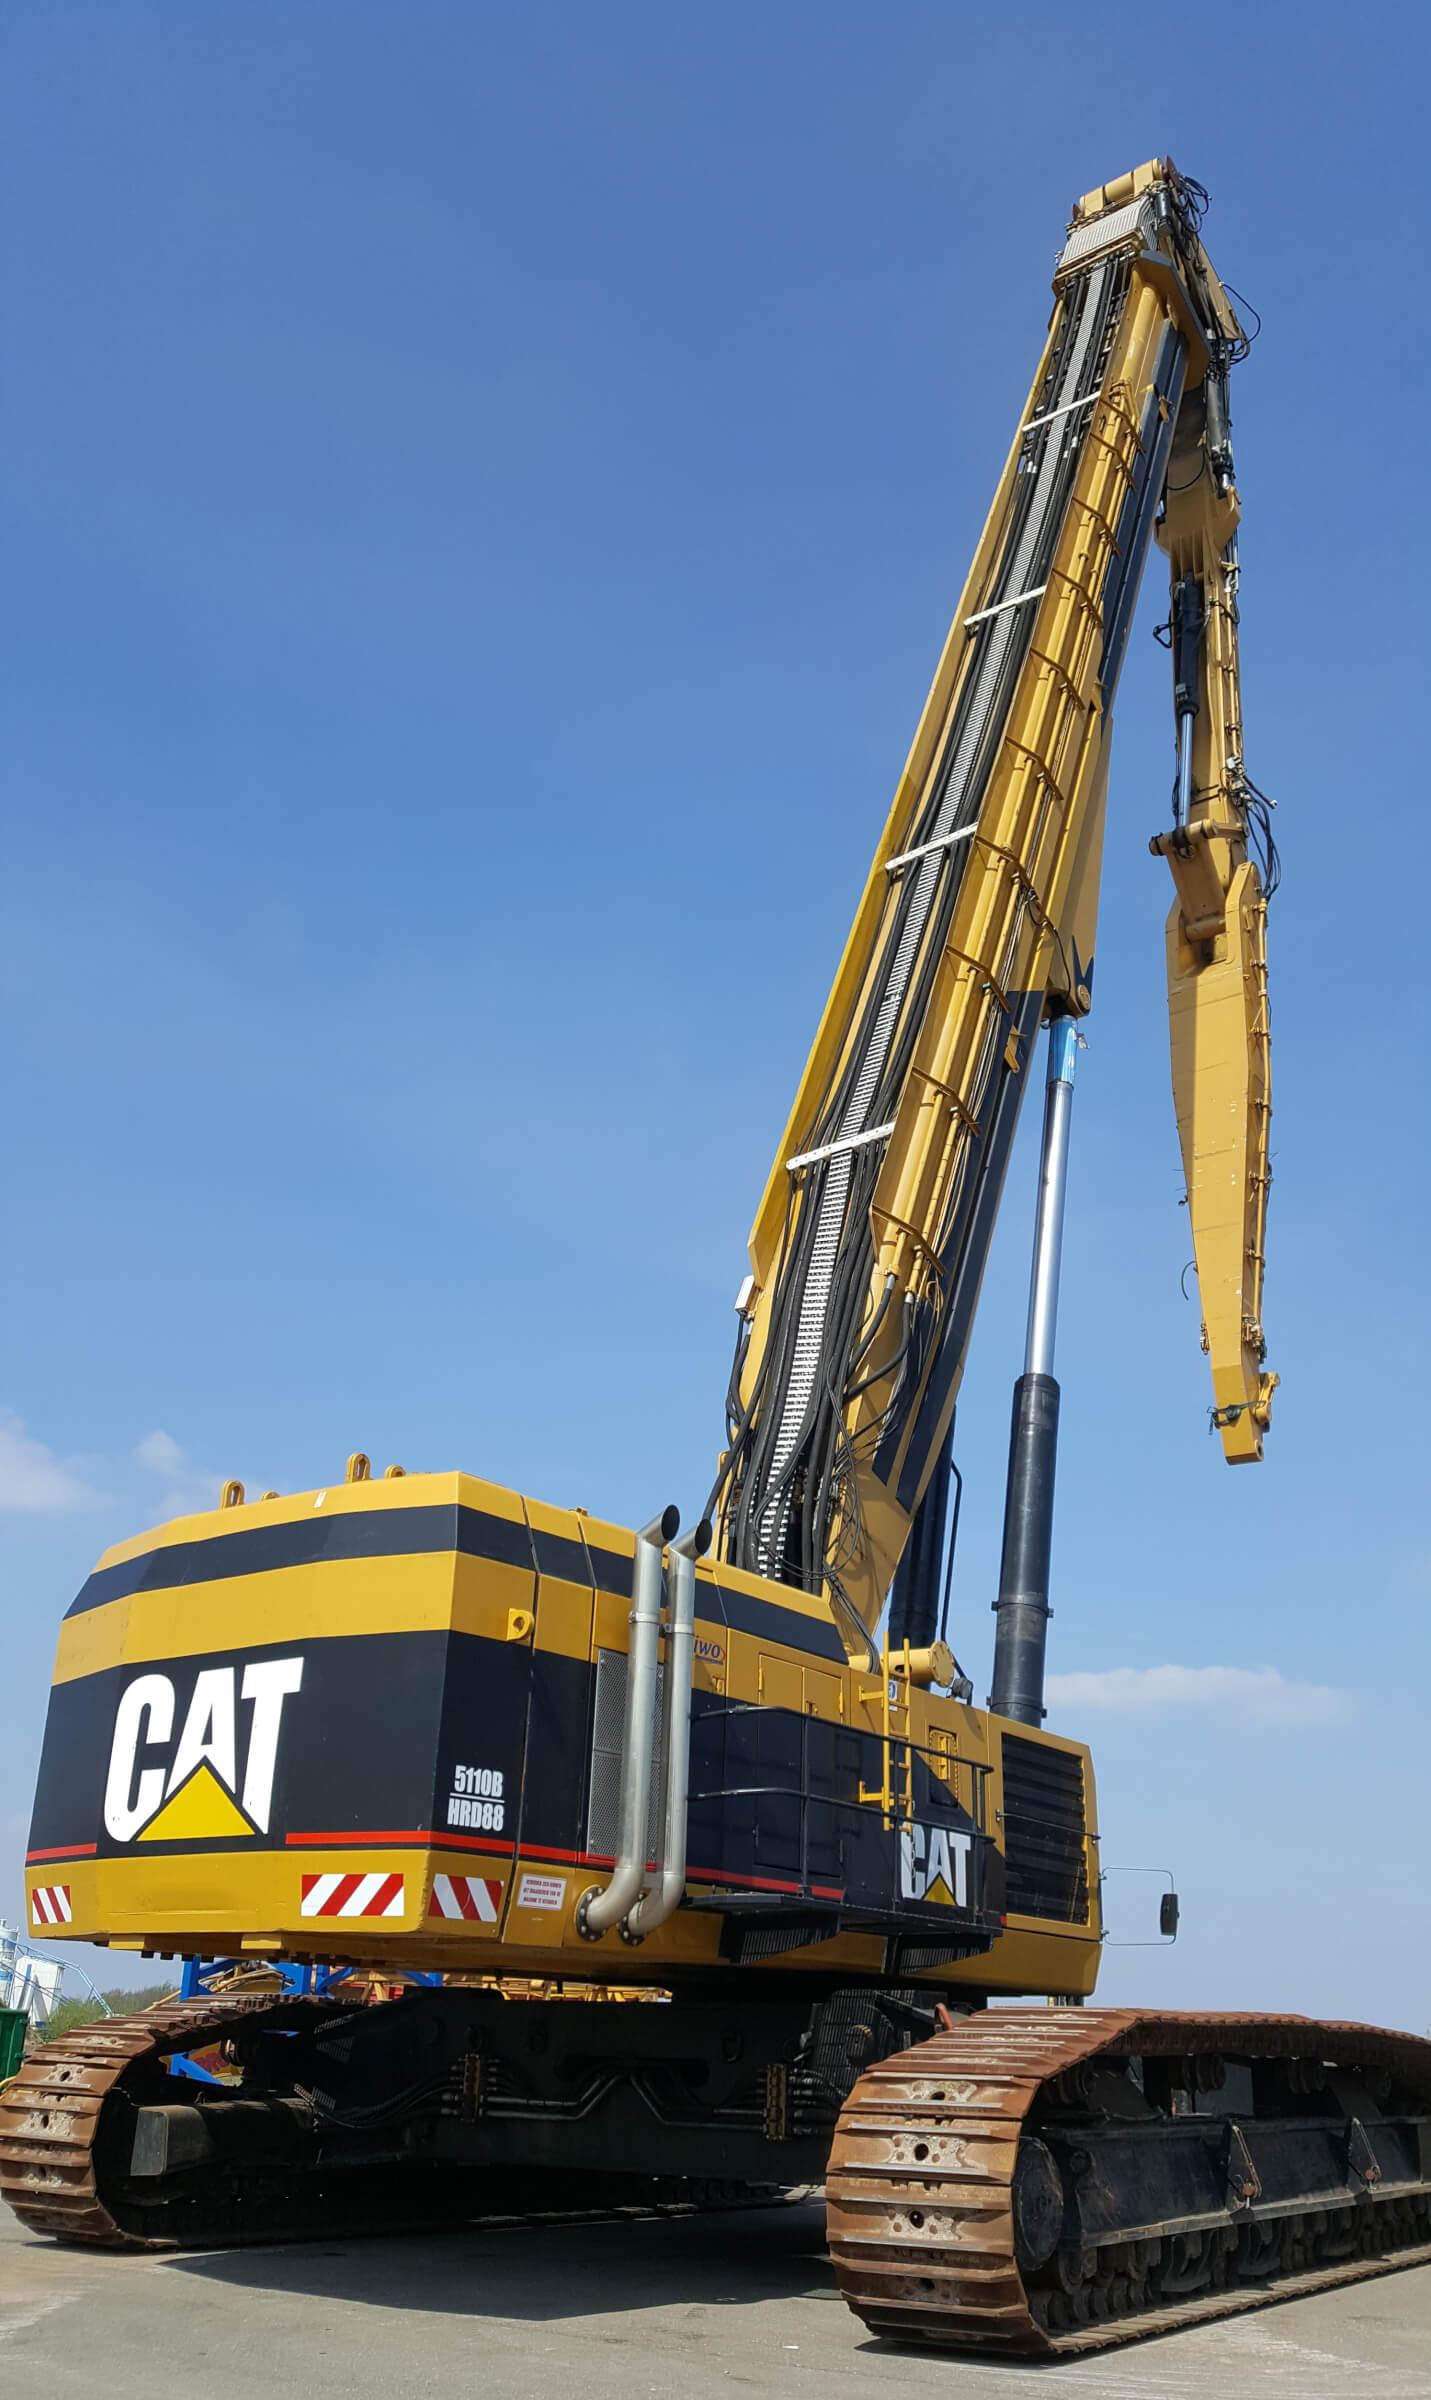 Yard Machine Parts >> Caterpillar UHRD88 5110B Demolition Excavator | PRIMA Equipment